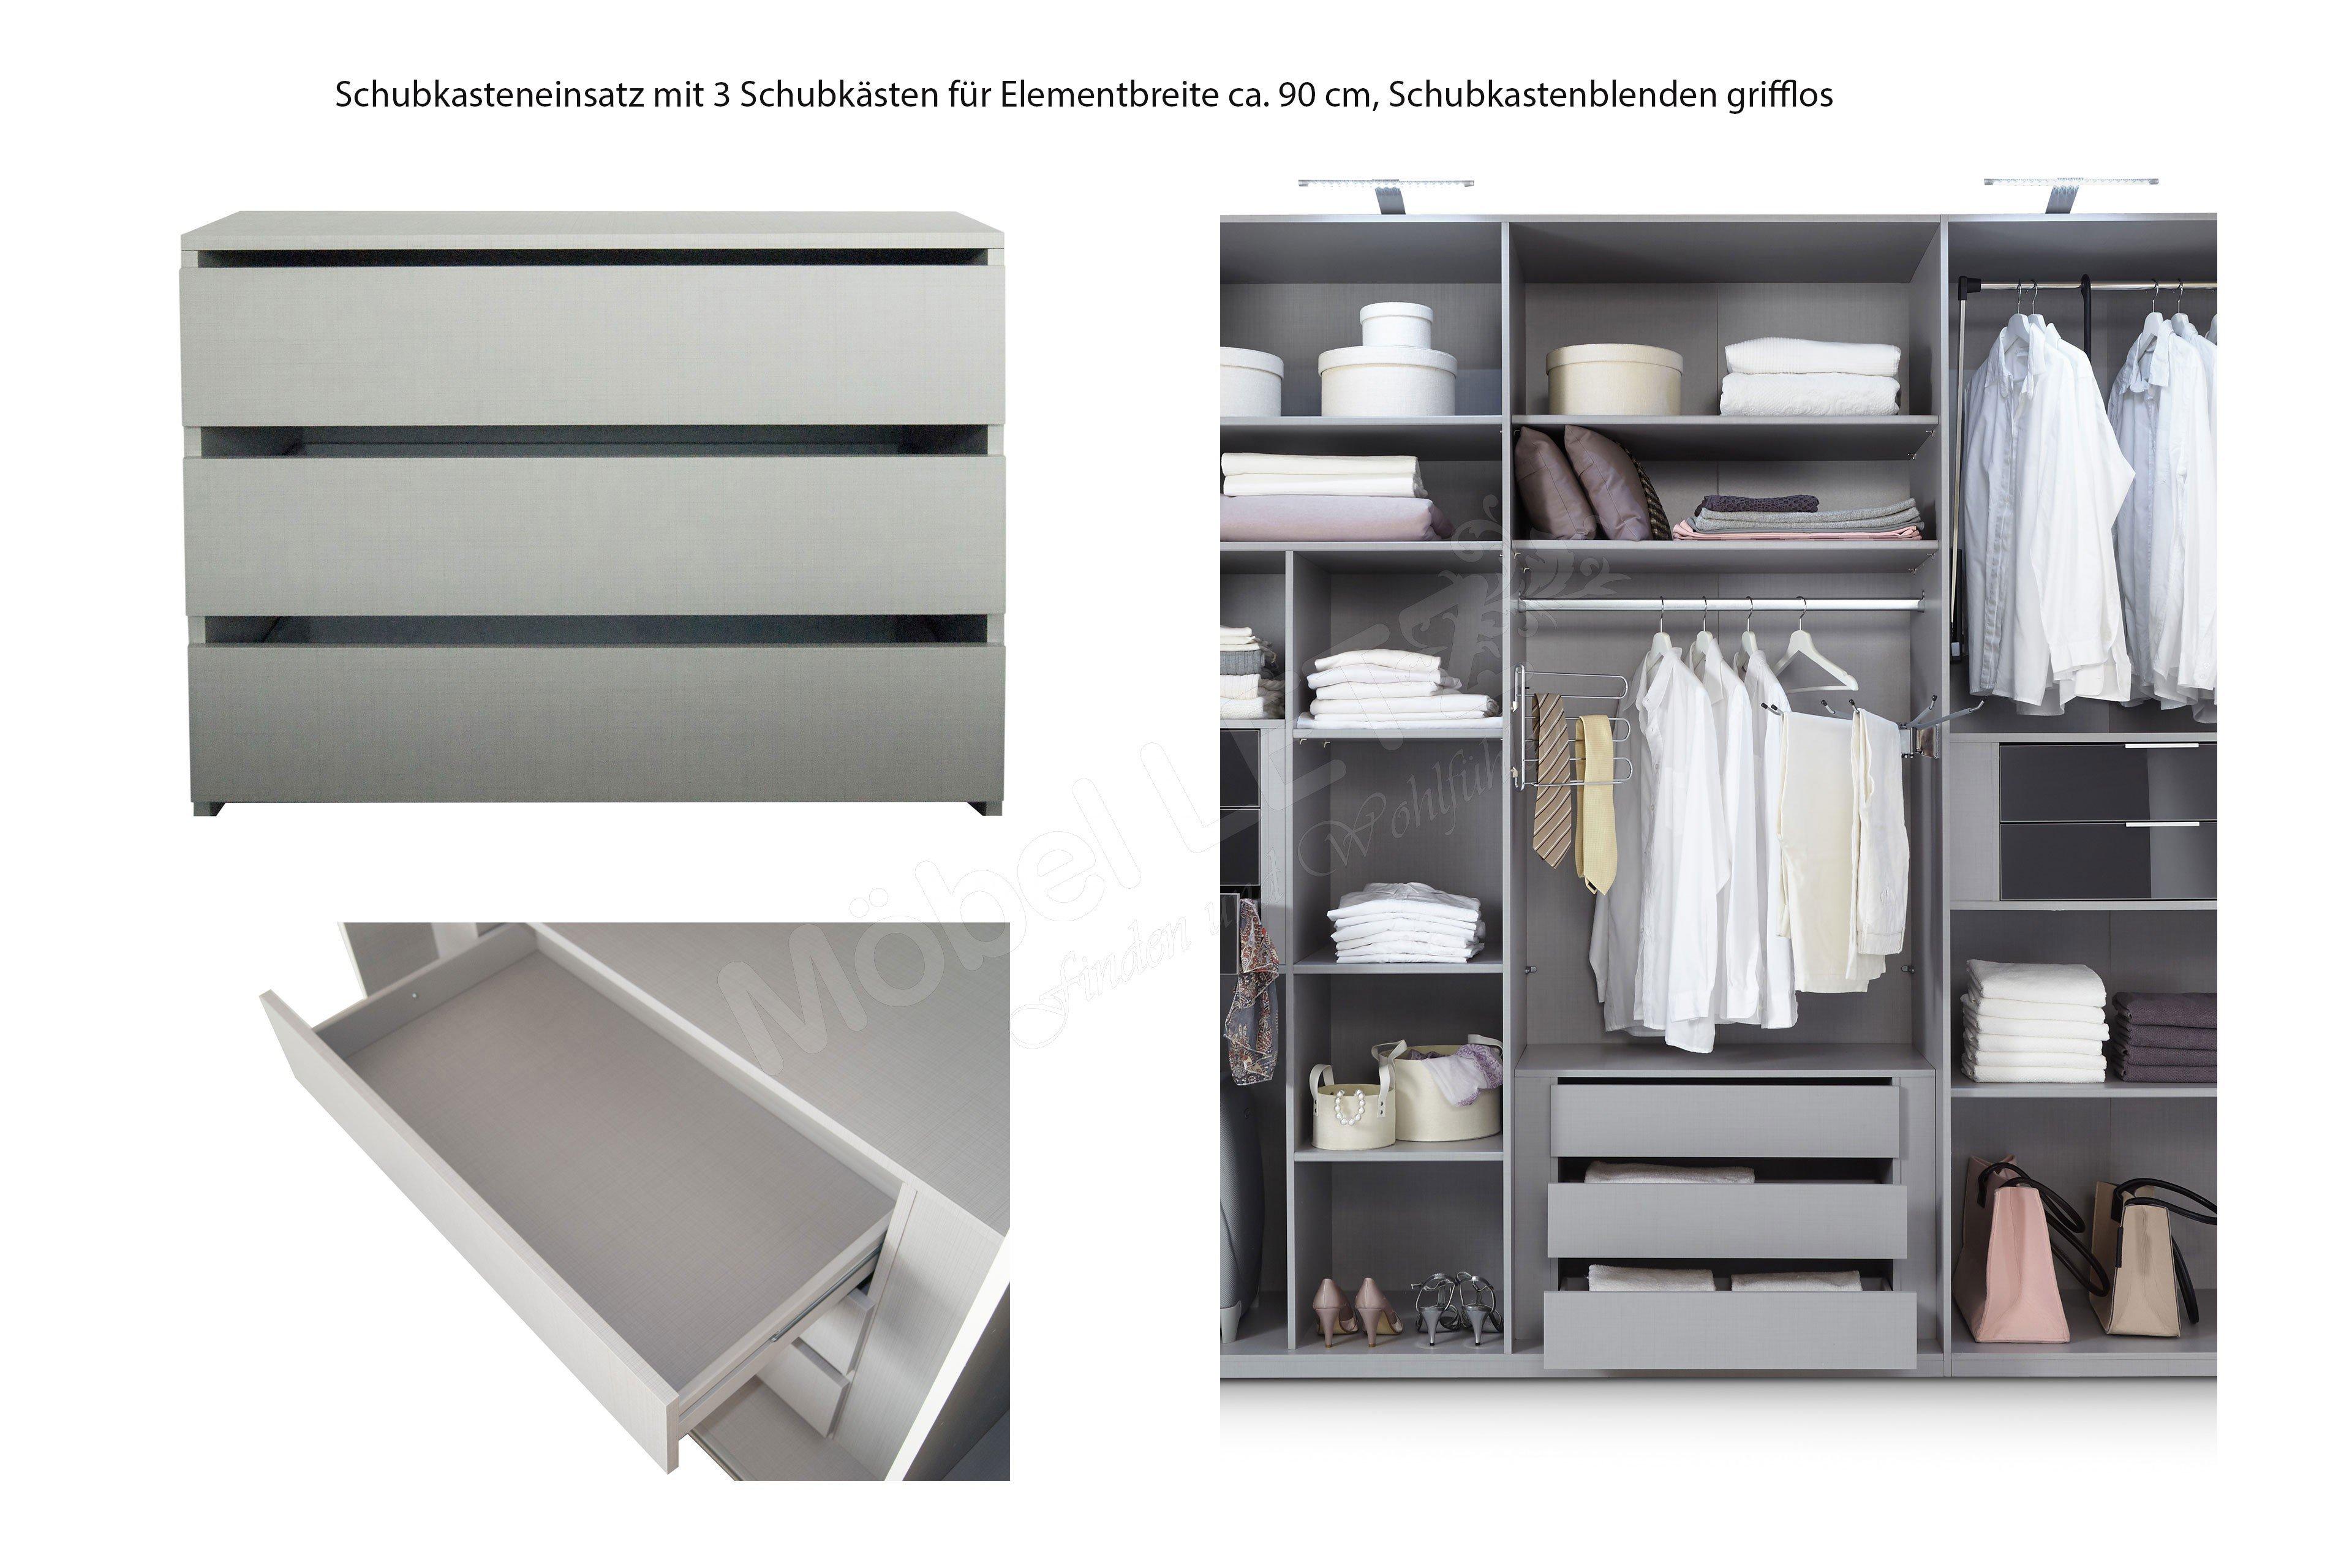 Bezaubernd Kleiderschrank Mit Innenausstattung Ideen Von Chess Glas Von Wimex - Glasabsetzungen